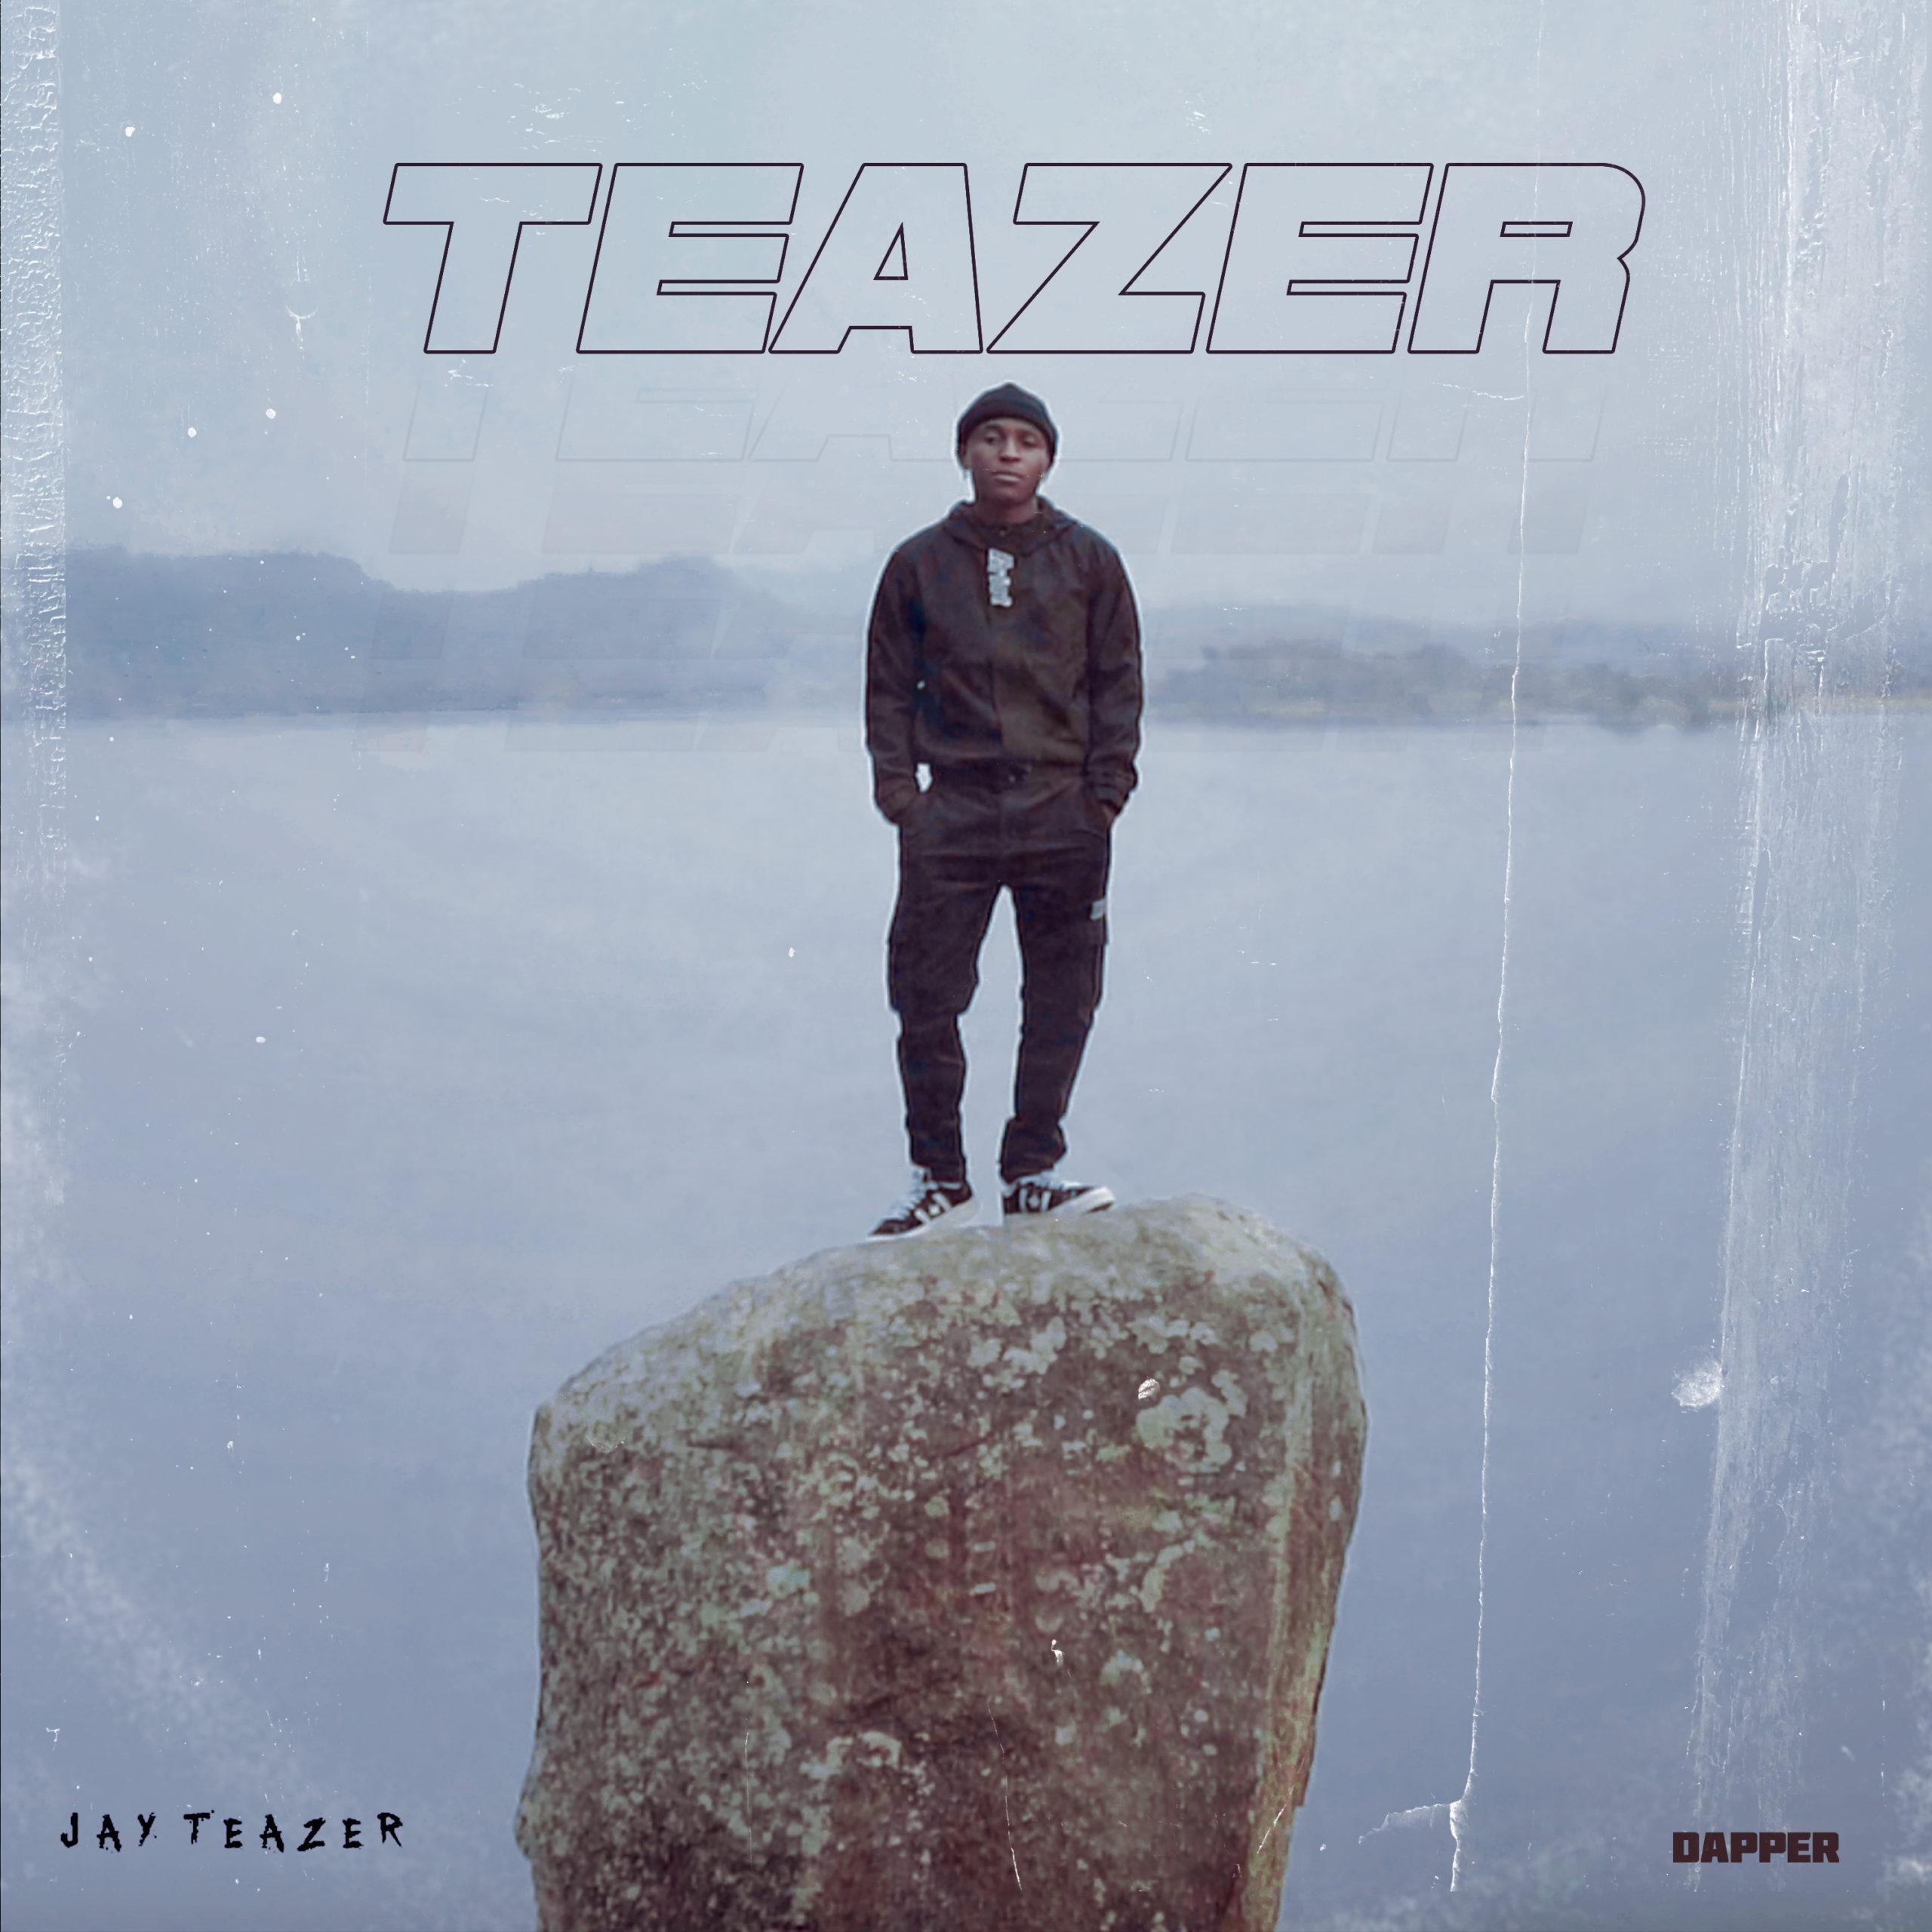 Jay Teazer – Dubai